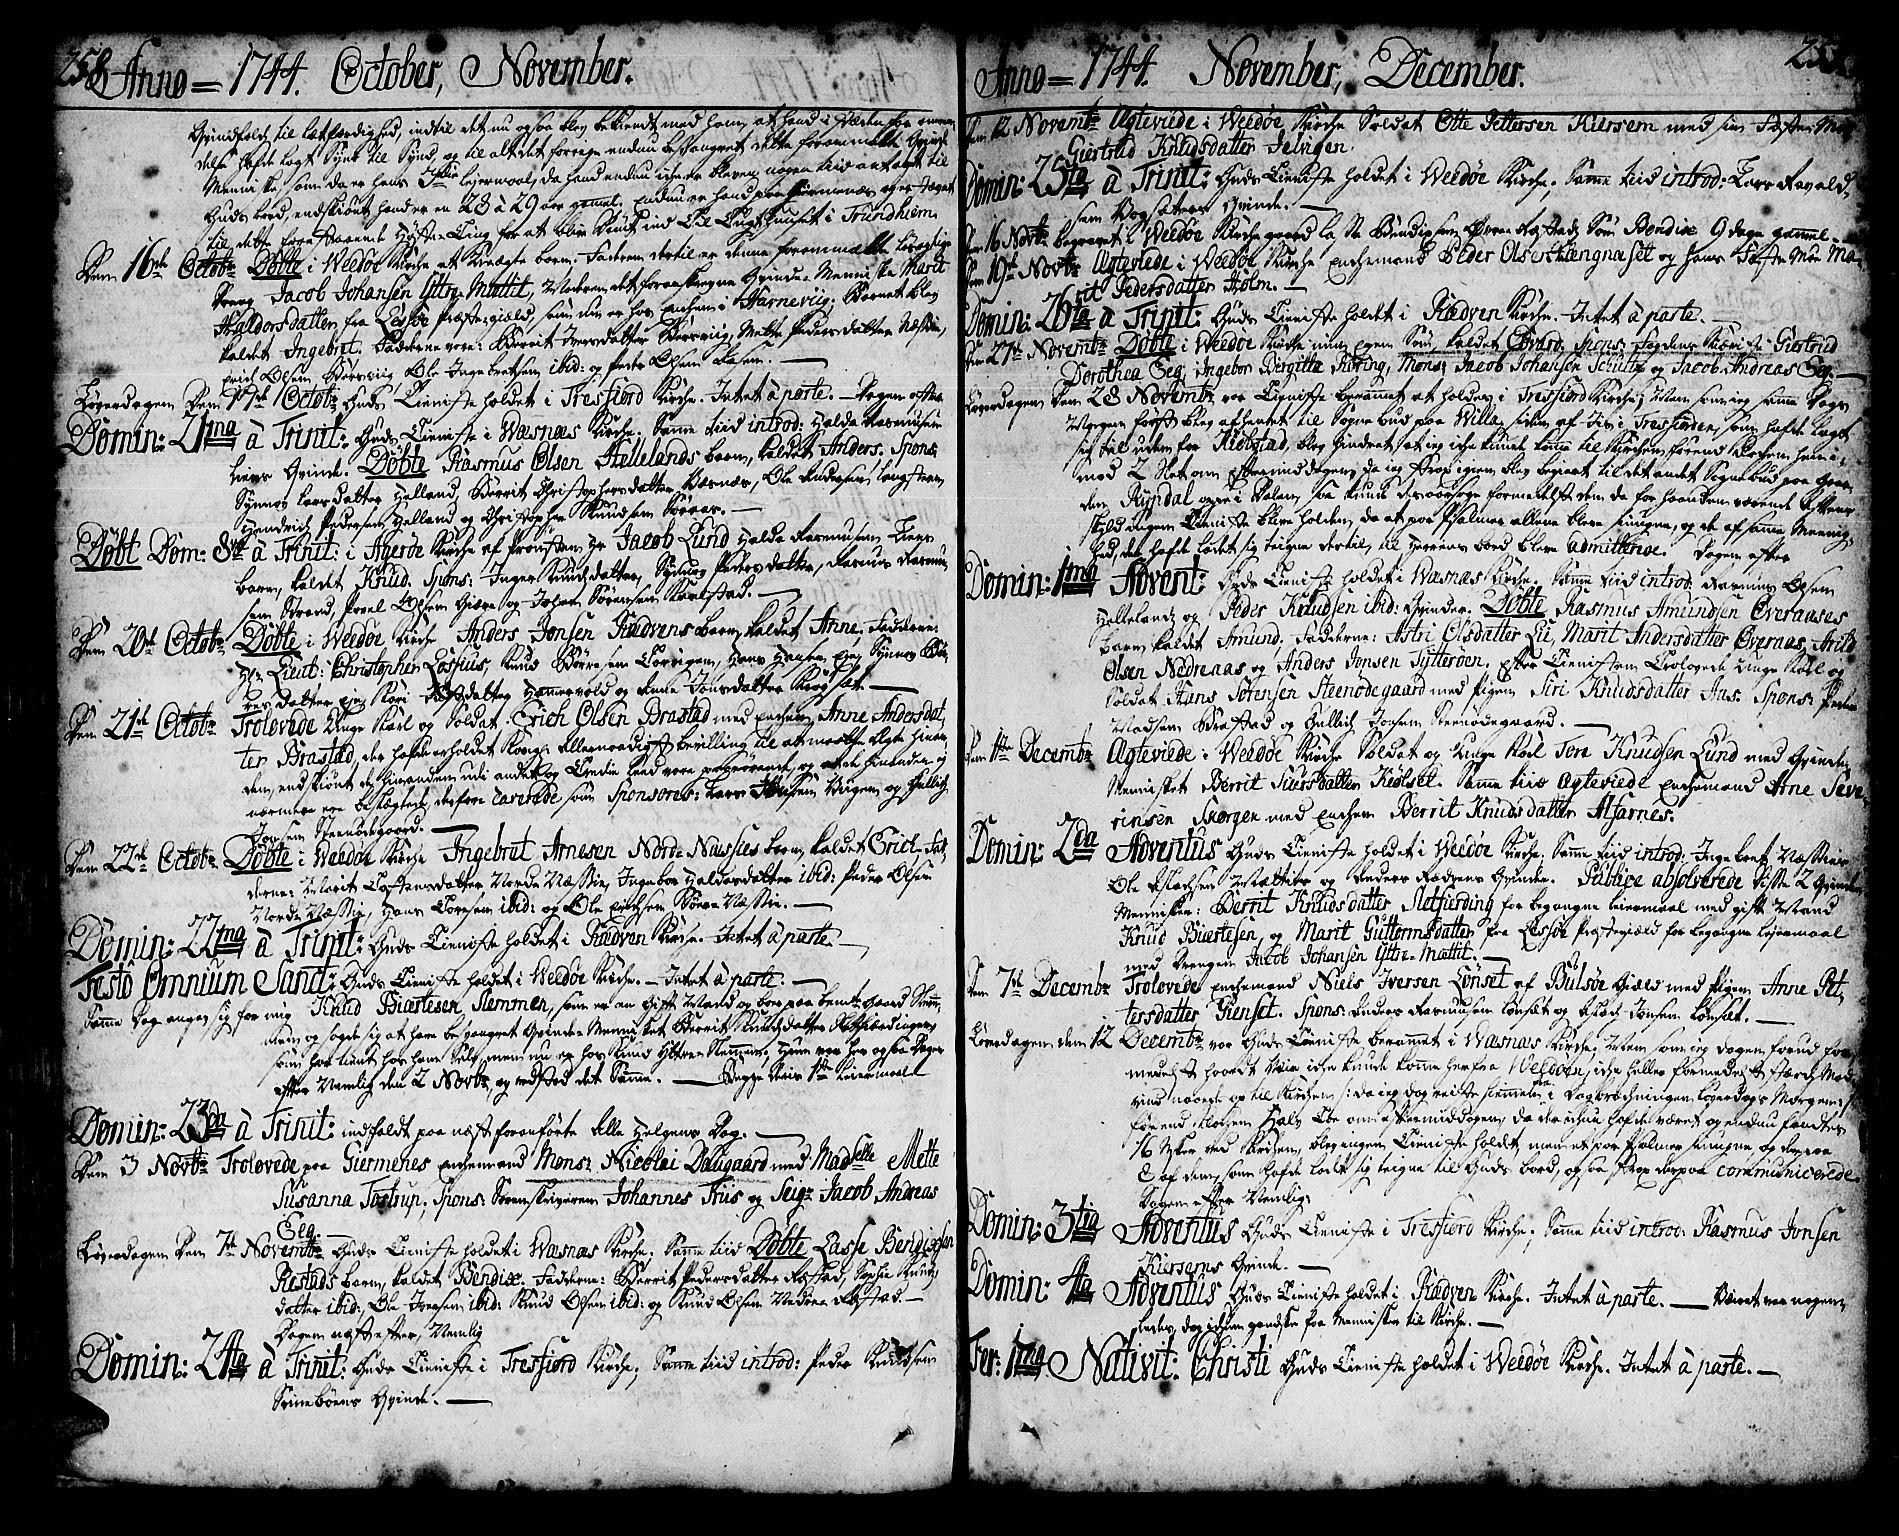 SAT, Ministerialprotokoller, klokkerbøker og fødselsregistre - Møre og Romsdal, 547/L0599: Ministerialbok nr. 547A01, 1721-1764, s. 258-259